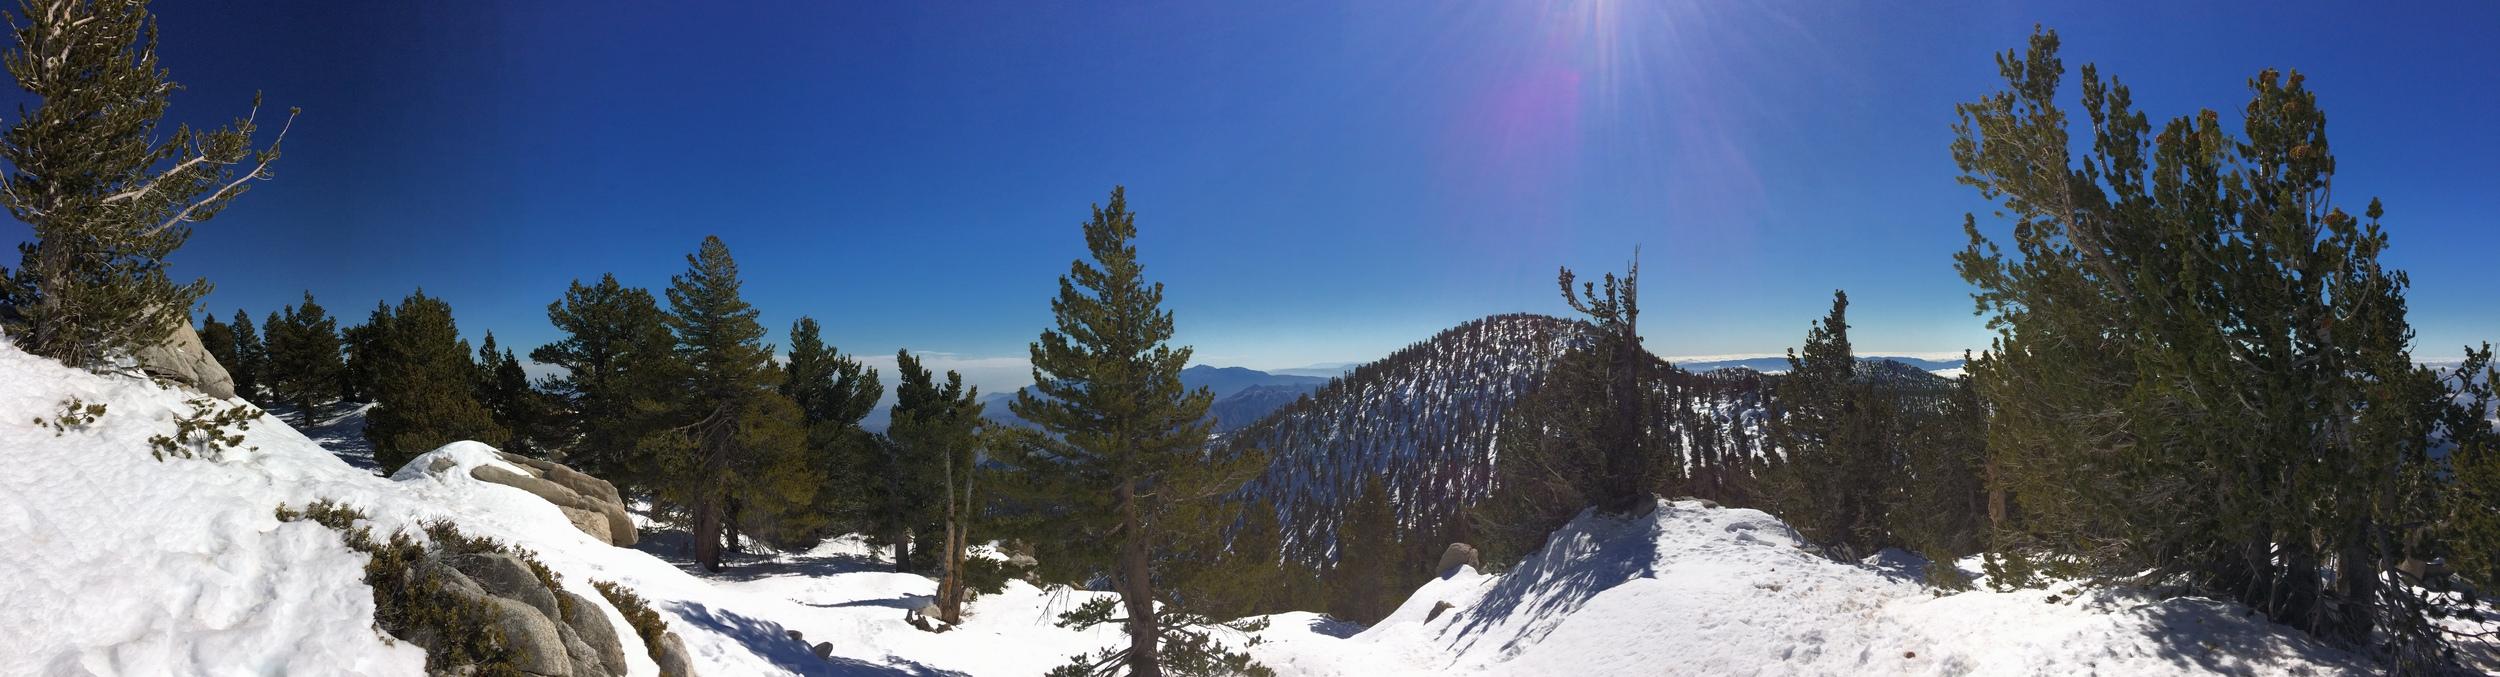 Folly Peak to San Jacinto Ridgeline, January 2016